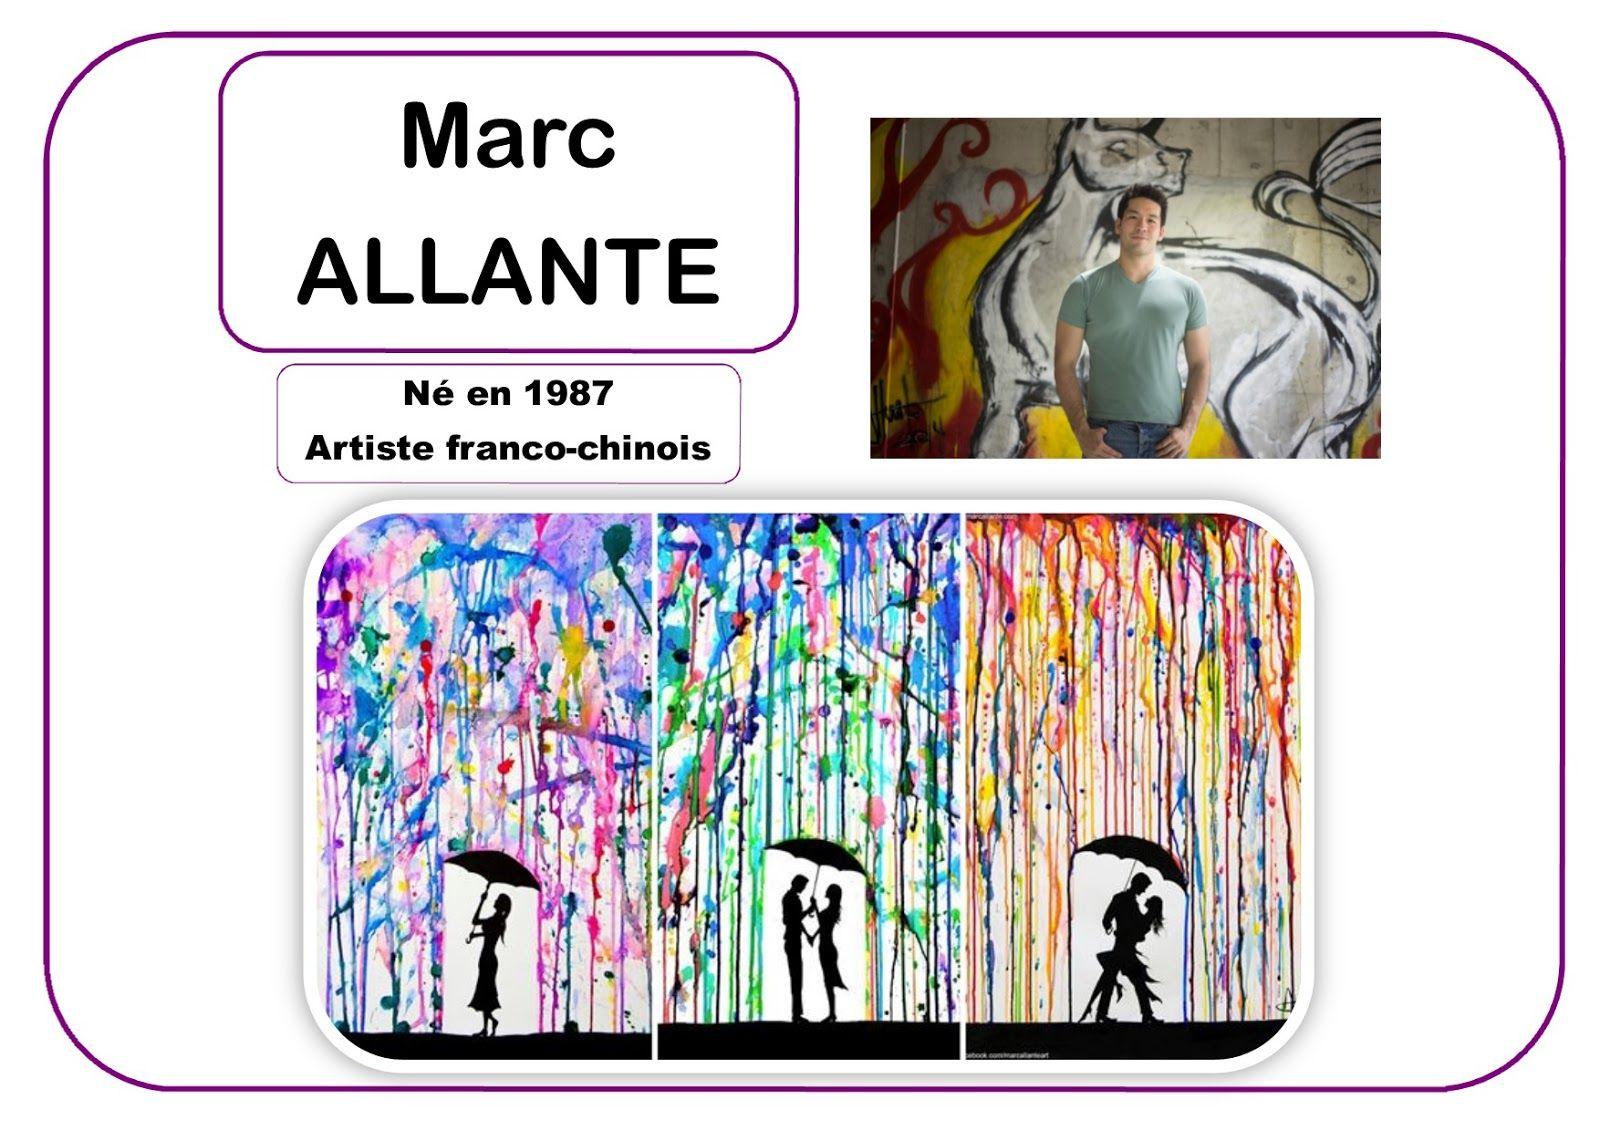 Marc allante portrait d 39 artiste inspiration d 39 artistes for Art et artiste